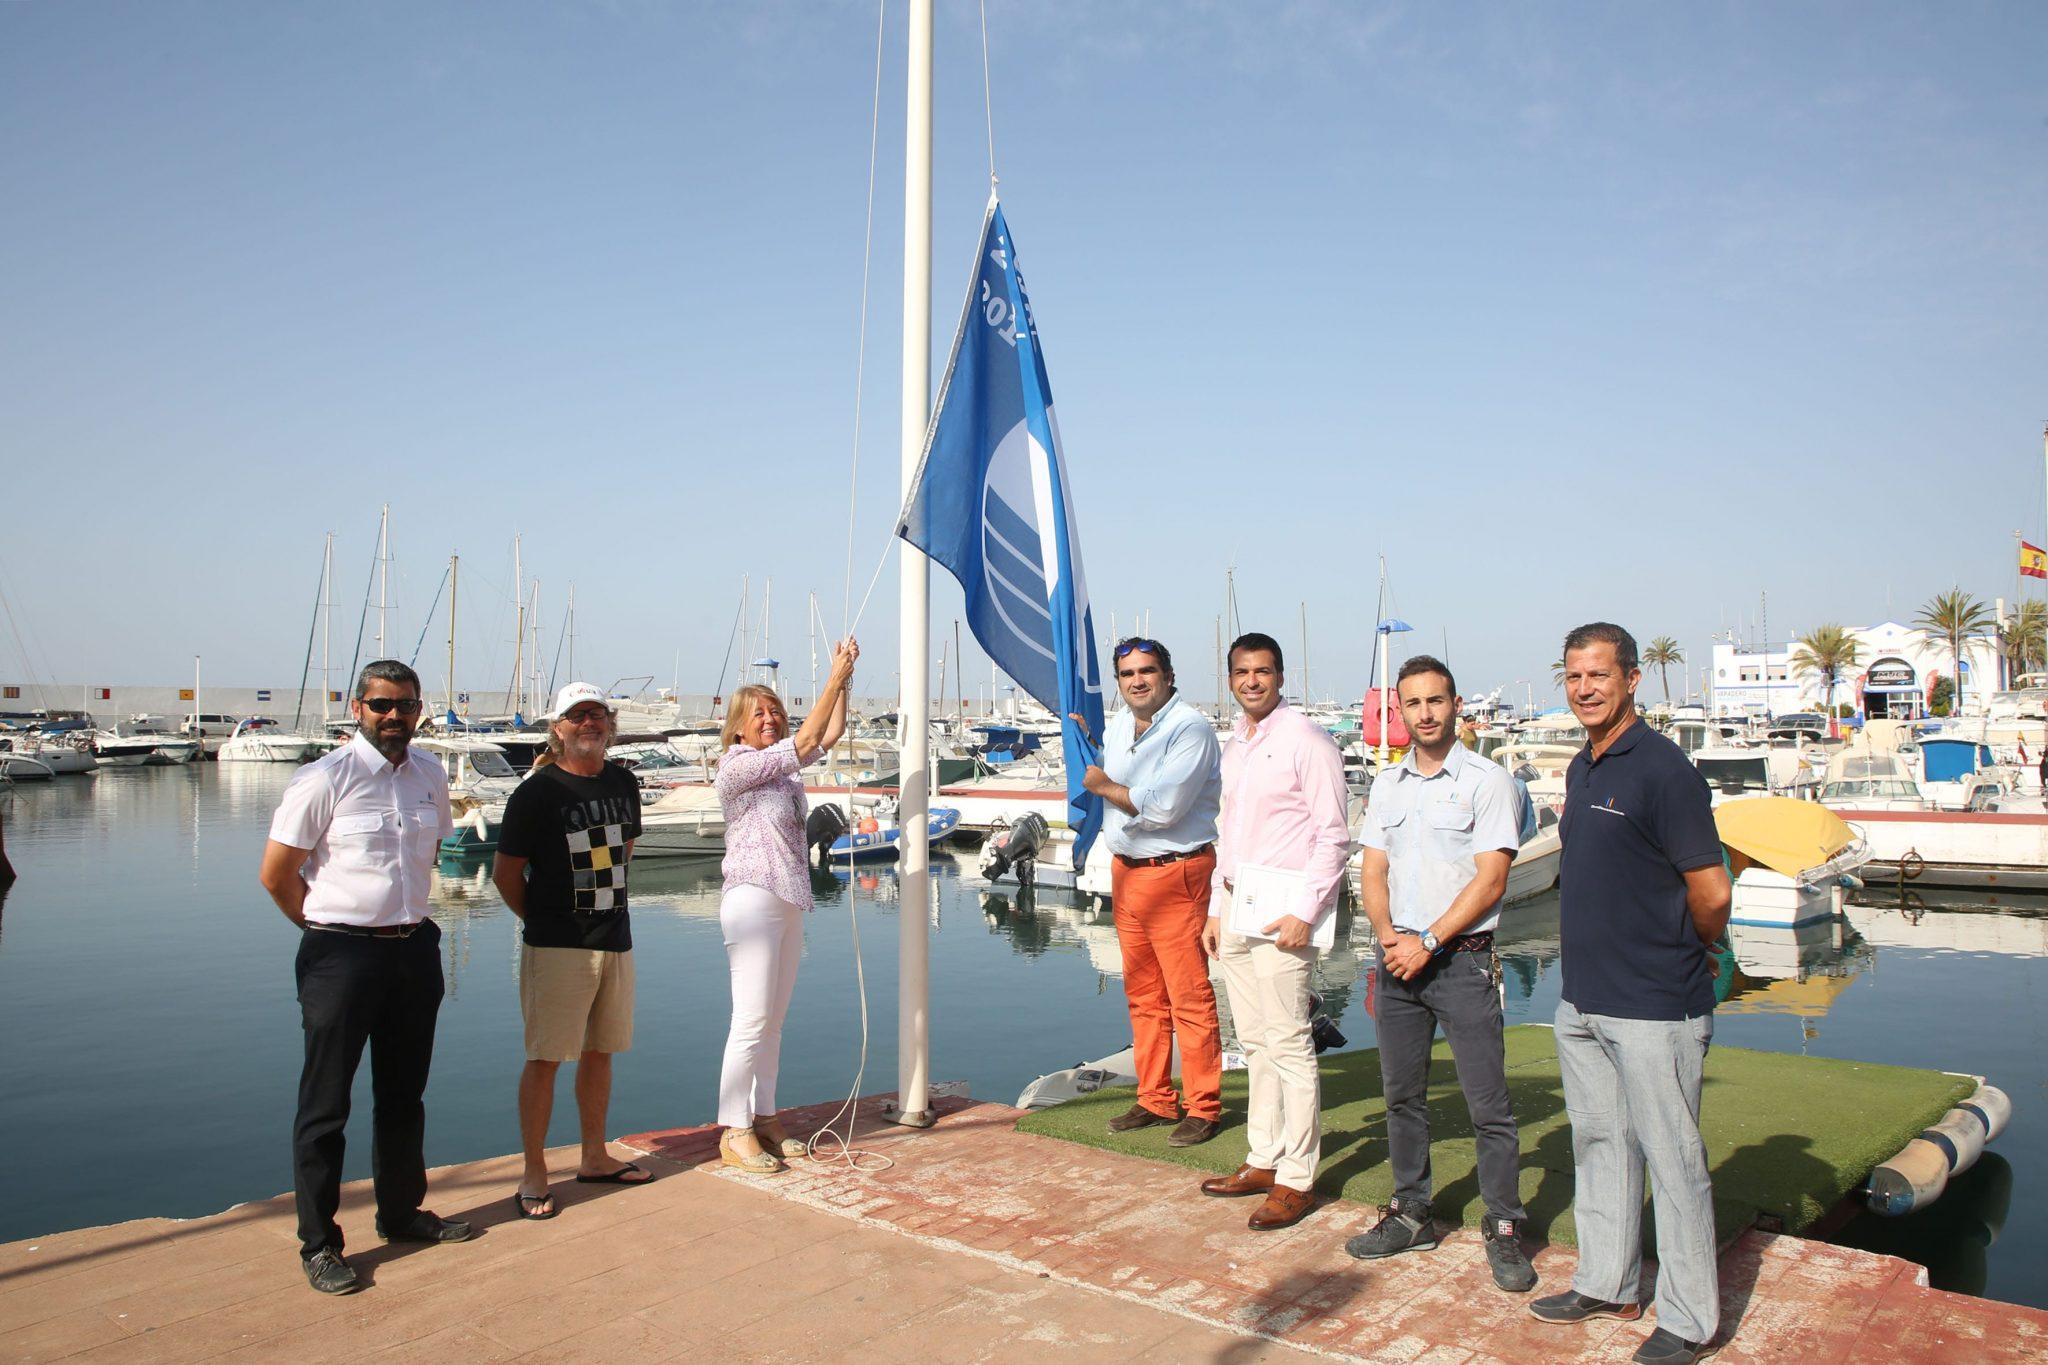 Implantan un nuevo sistema de iluminación sostenible en el Puerto Deportivo